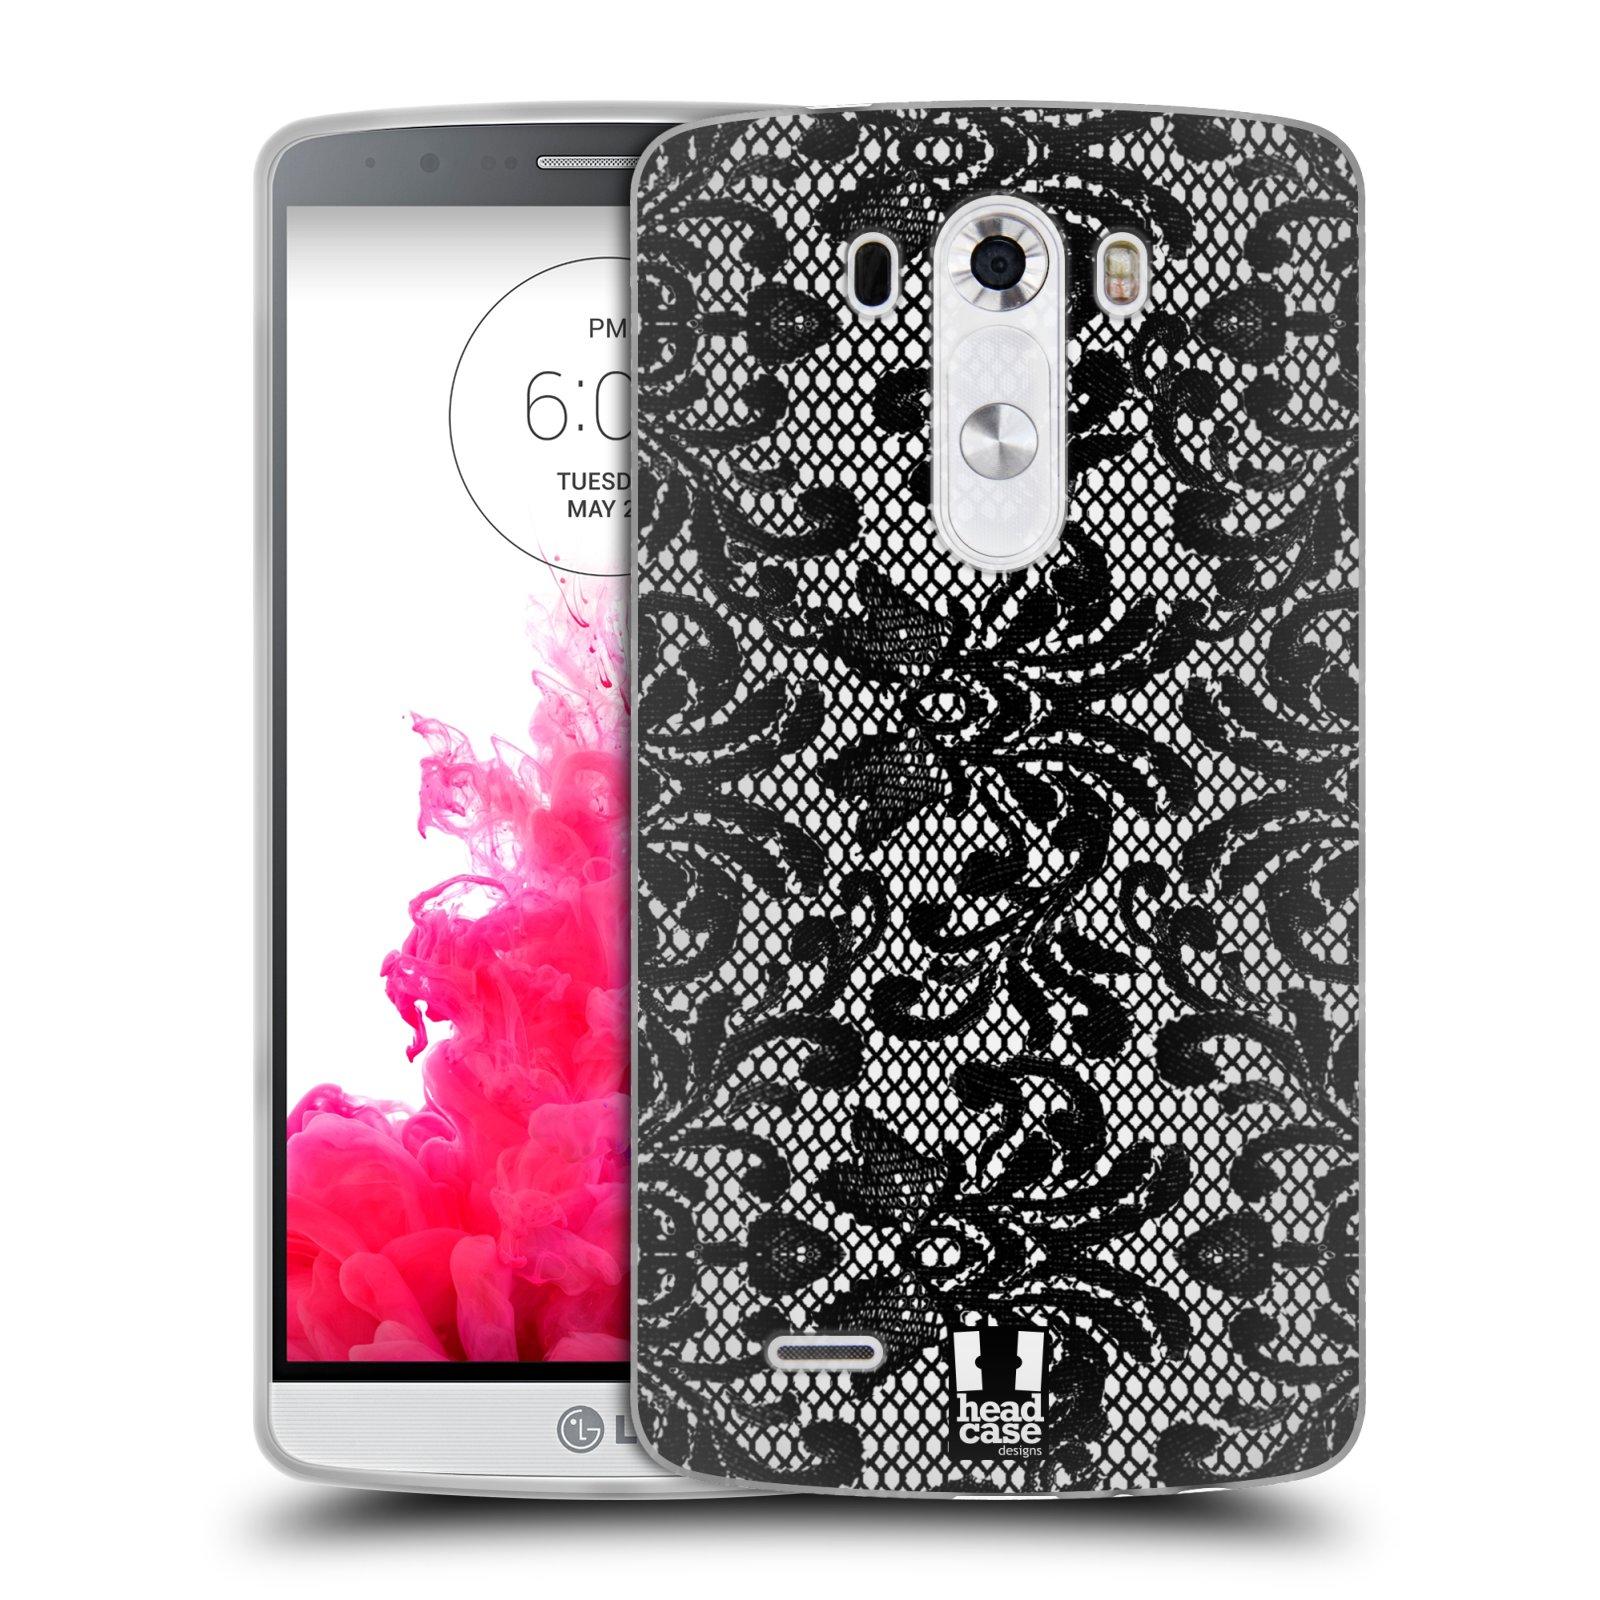 Silikonové pouzdro na mobil LG G3 HEAD CASE KRAJKA (Silikonový kryt či obal na mobilní telefon LG G3 D855)